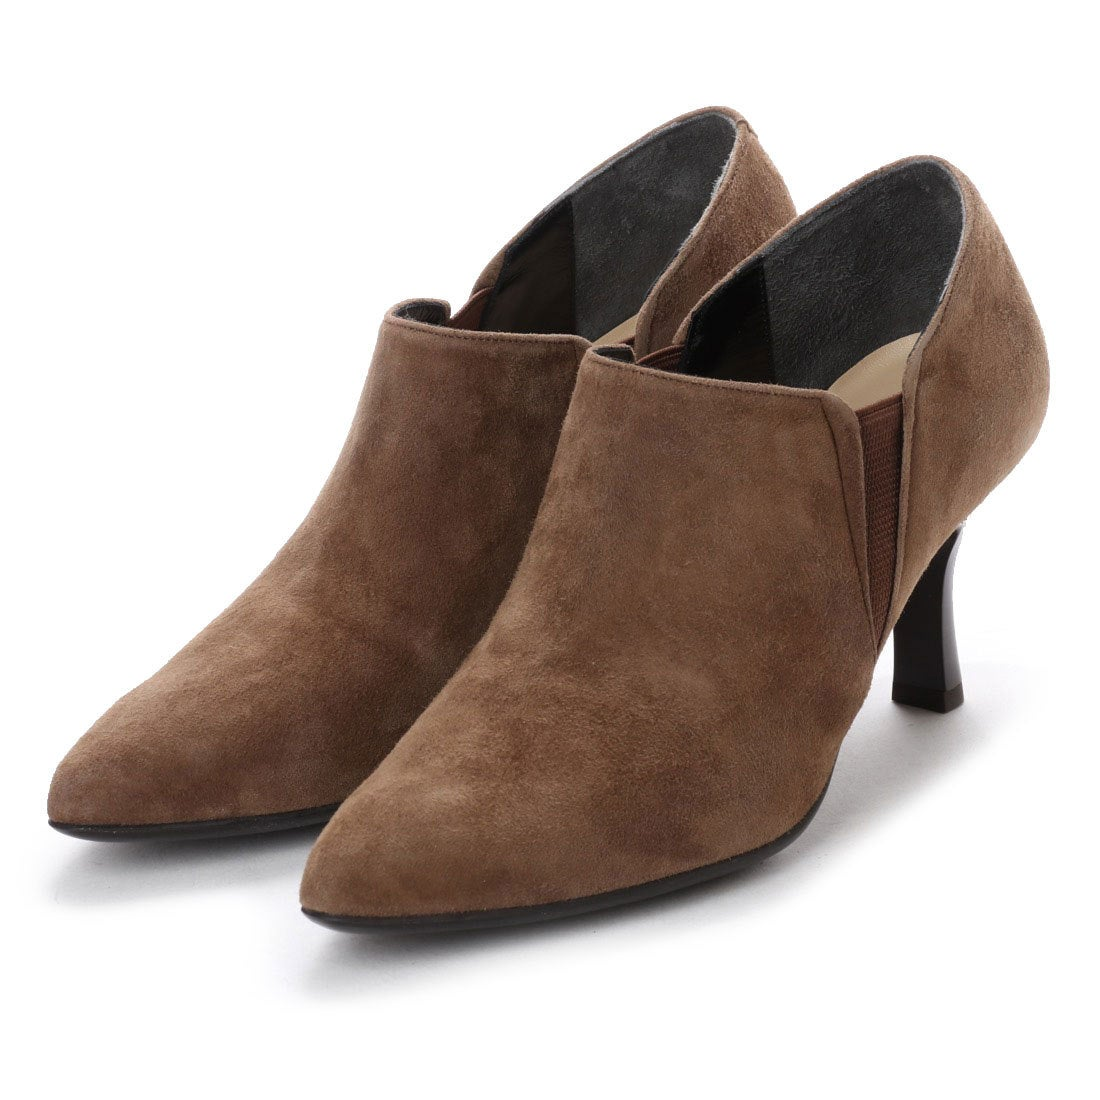 ロコンド 靴とファッションの通販サイトスタイルラボ STYLE lab エレガントサイドゴアブーティ(キャメルスエード)